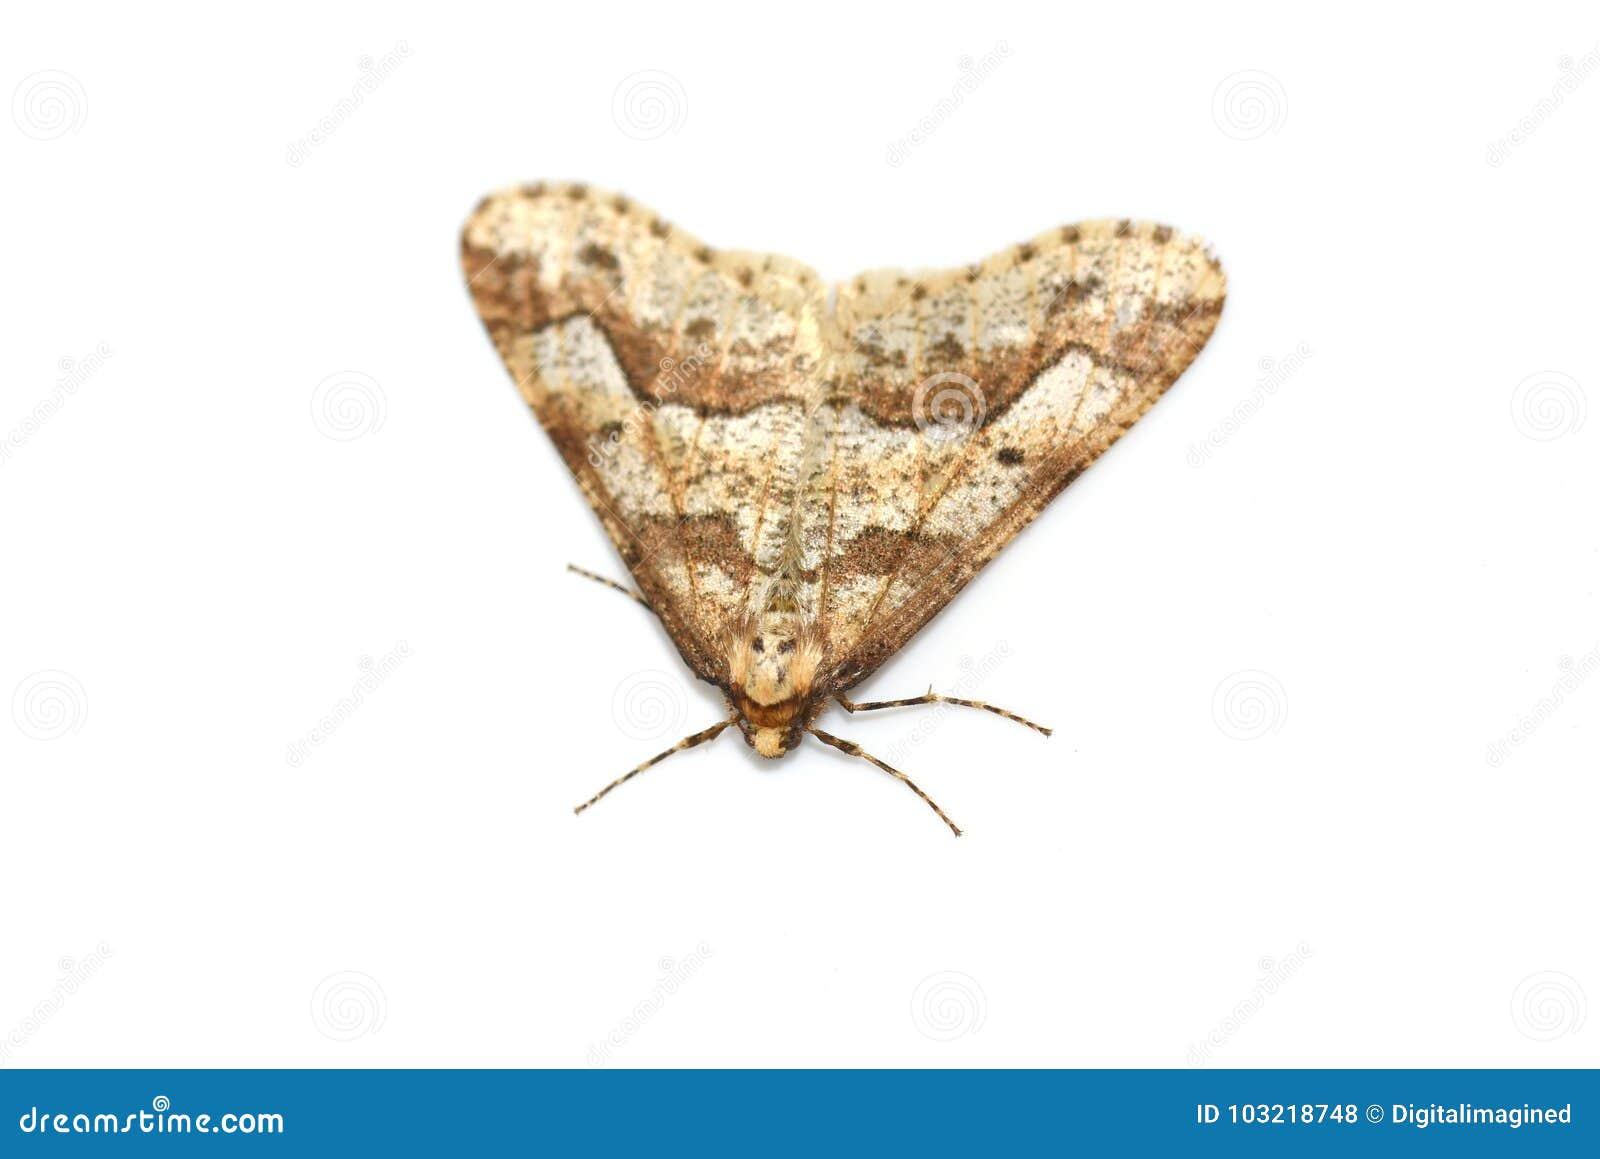 呈杂色的焦茶色的飞蛾